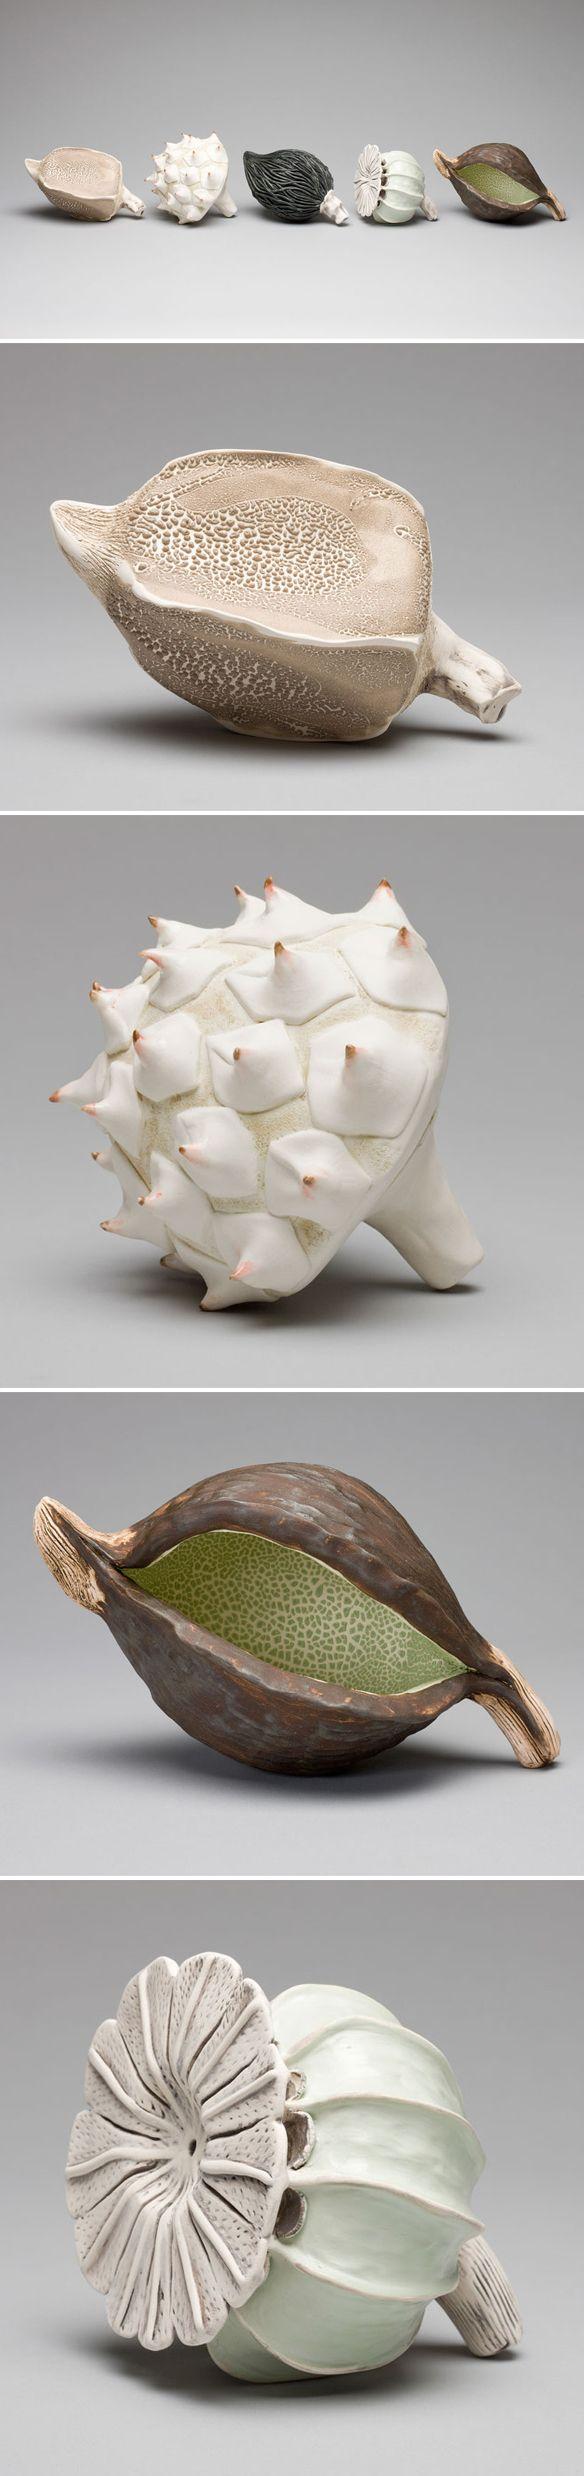 Ceramics and nature  karen millar | The Jealous Curator | Bloglovin'